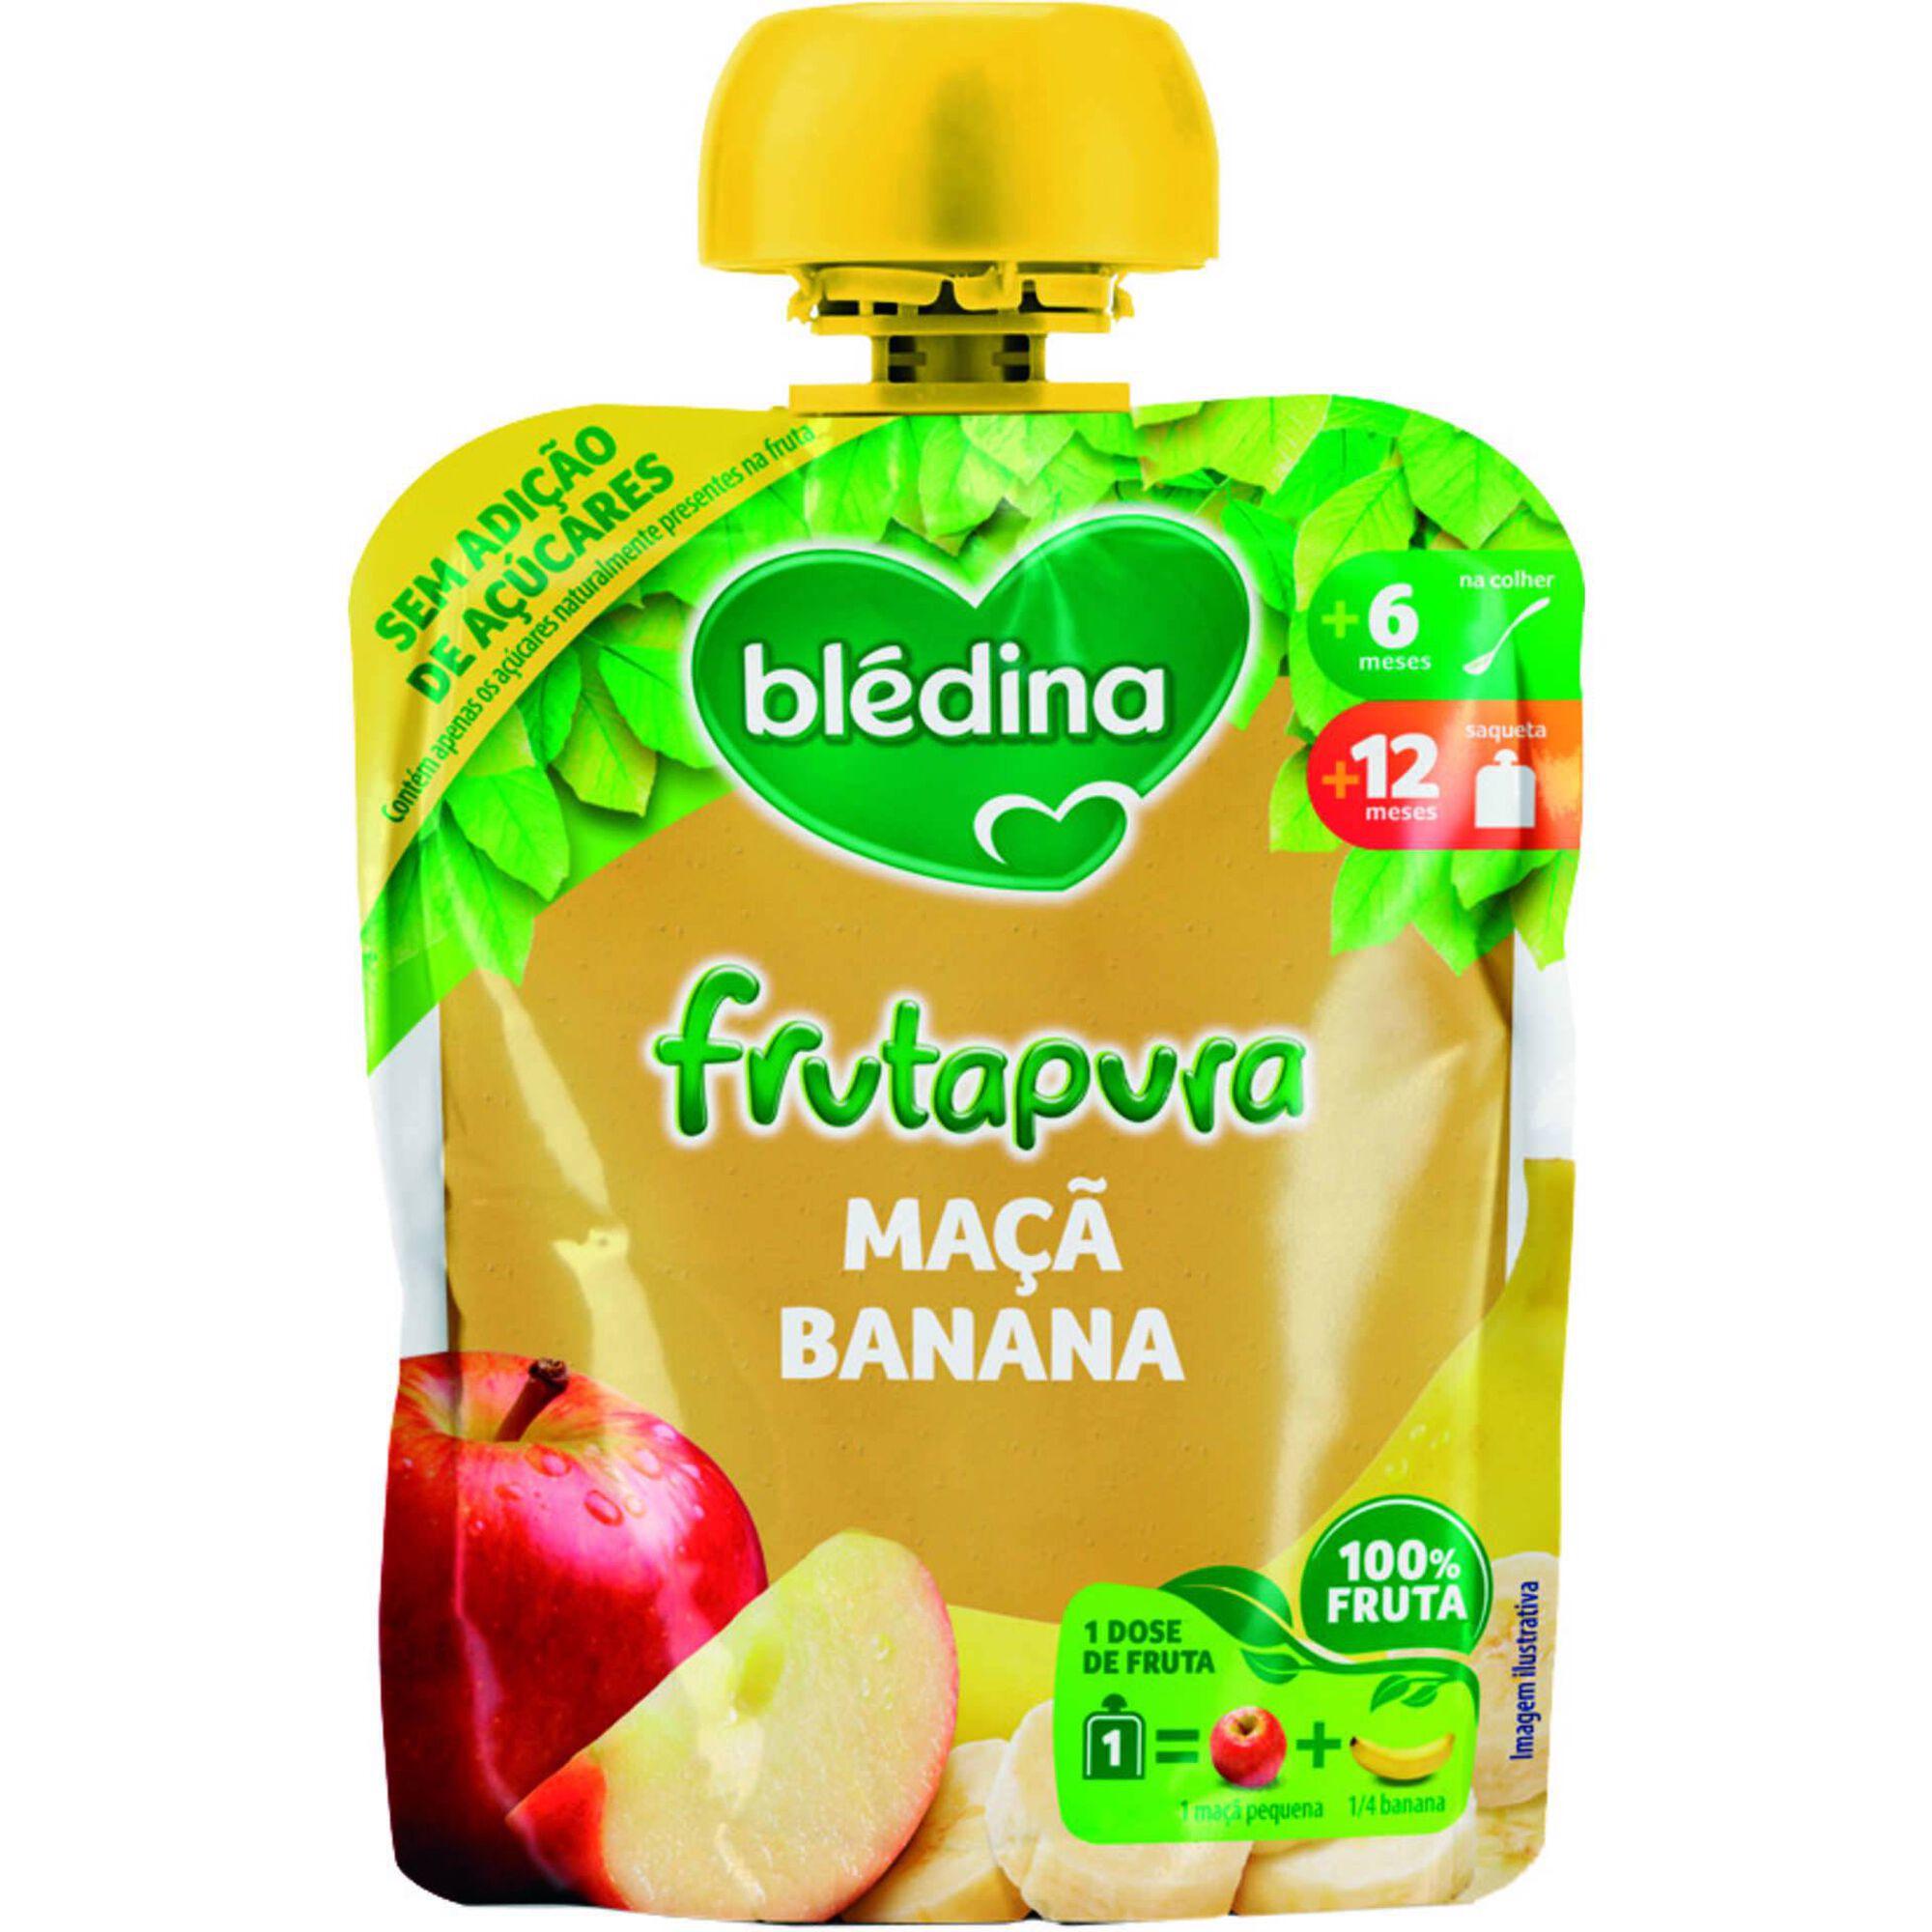 Saqueta de Frutapura Maçã e Banana +6 Meses